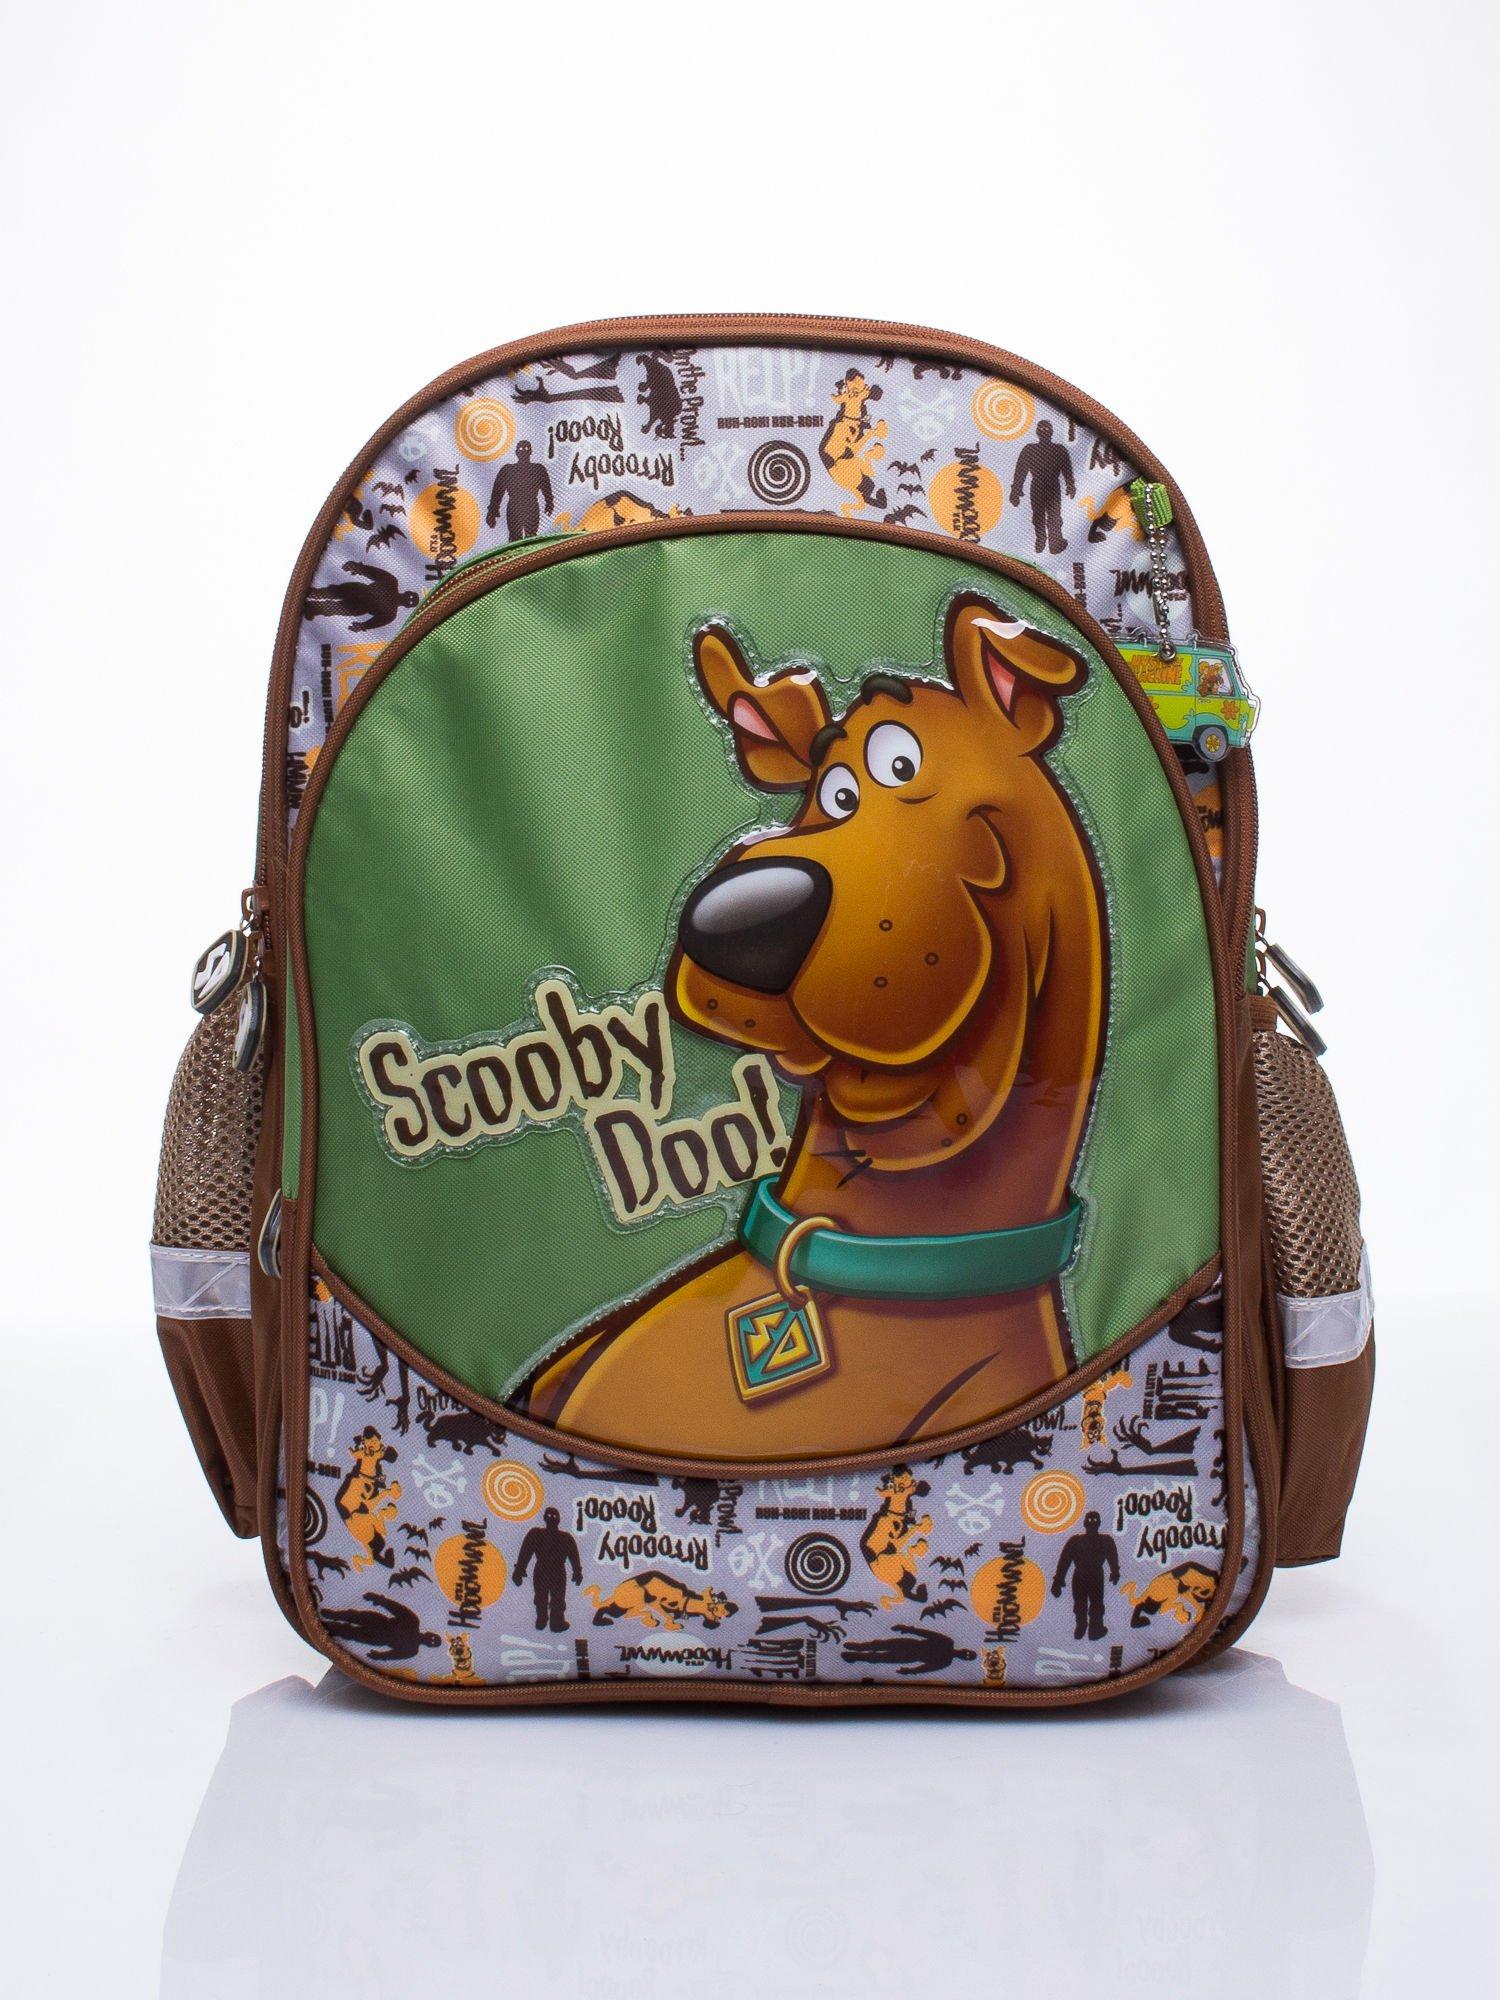 c61aaec64fe5a Brązowy plecak szkolny DISNEY Scooby Doo - Dziecko Plecaki - sklep ...